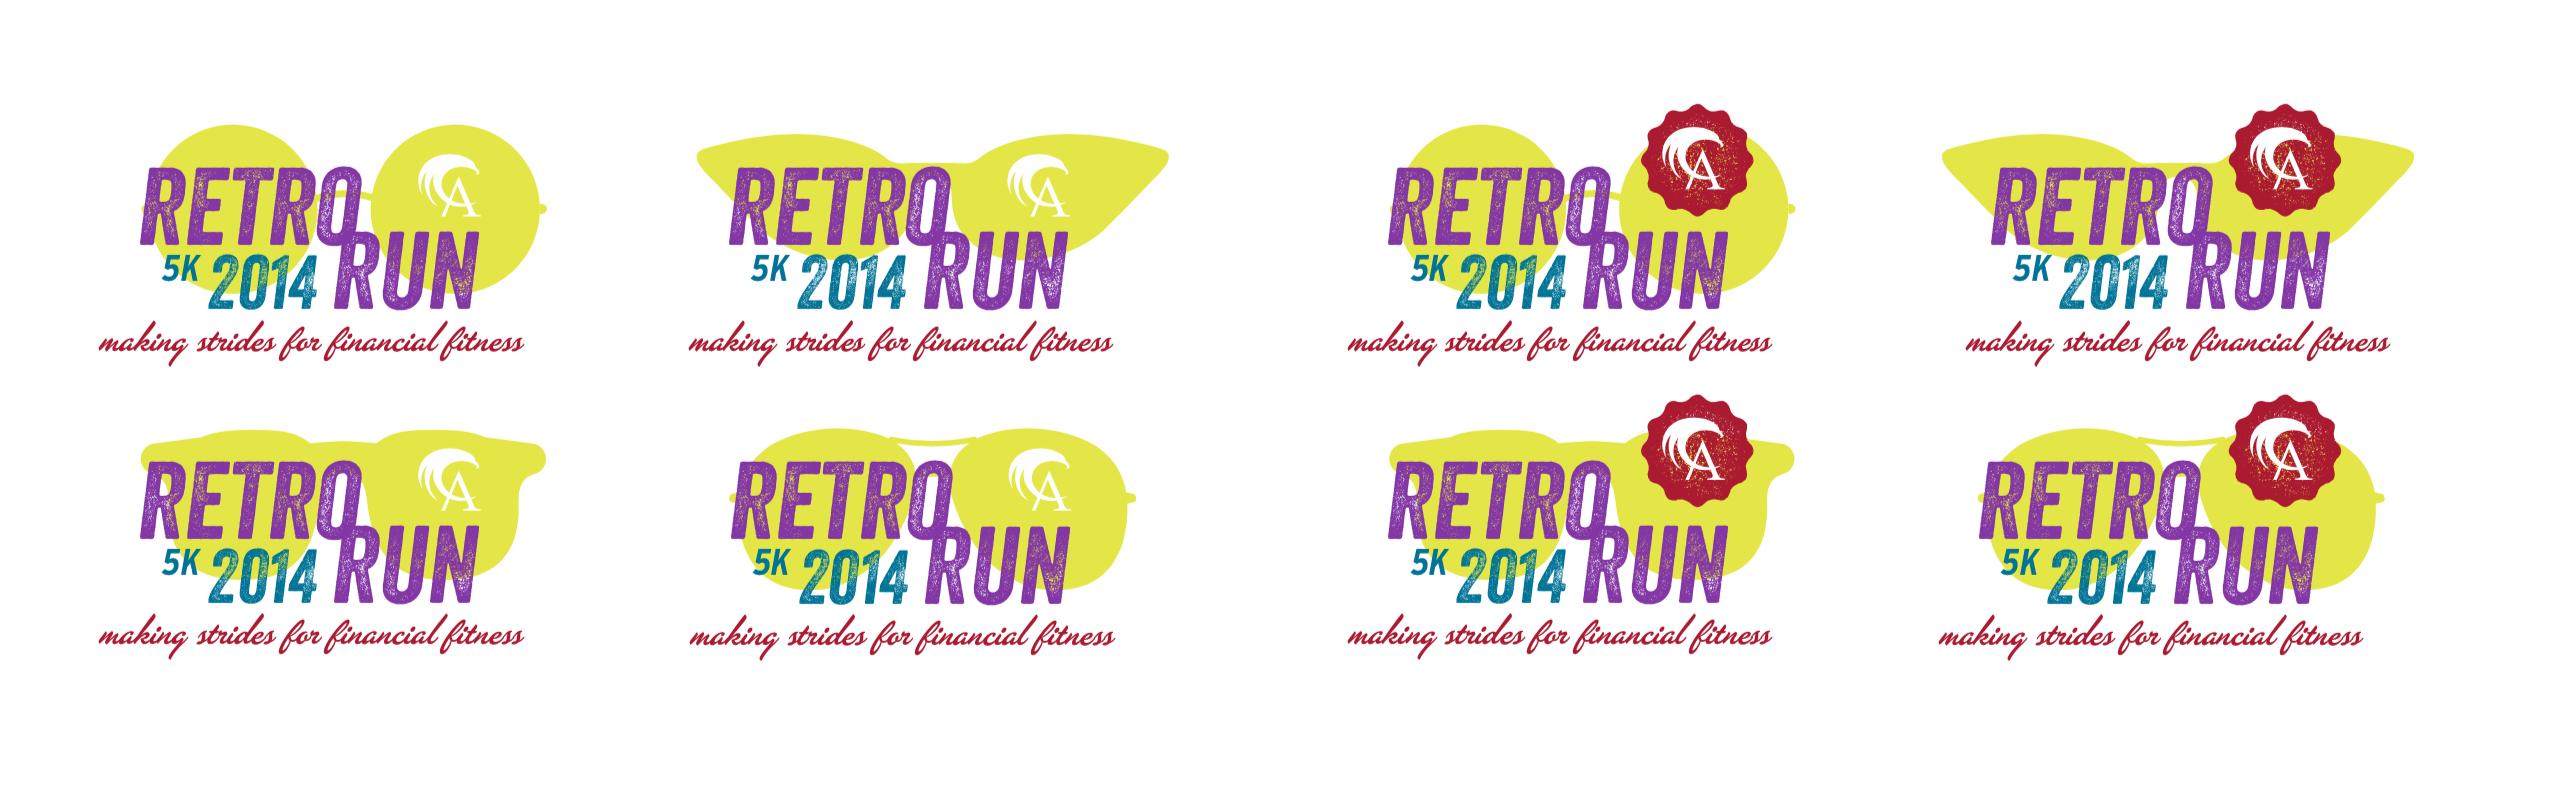 Retro Run Logos